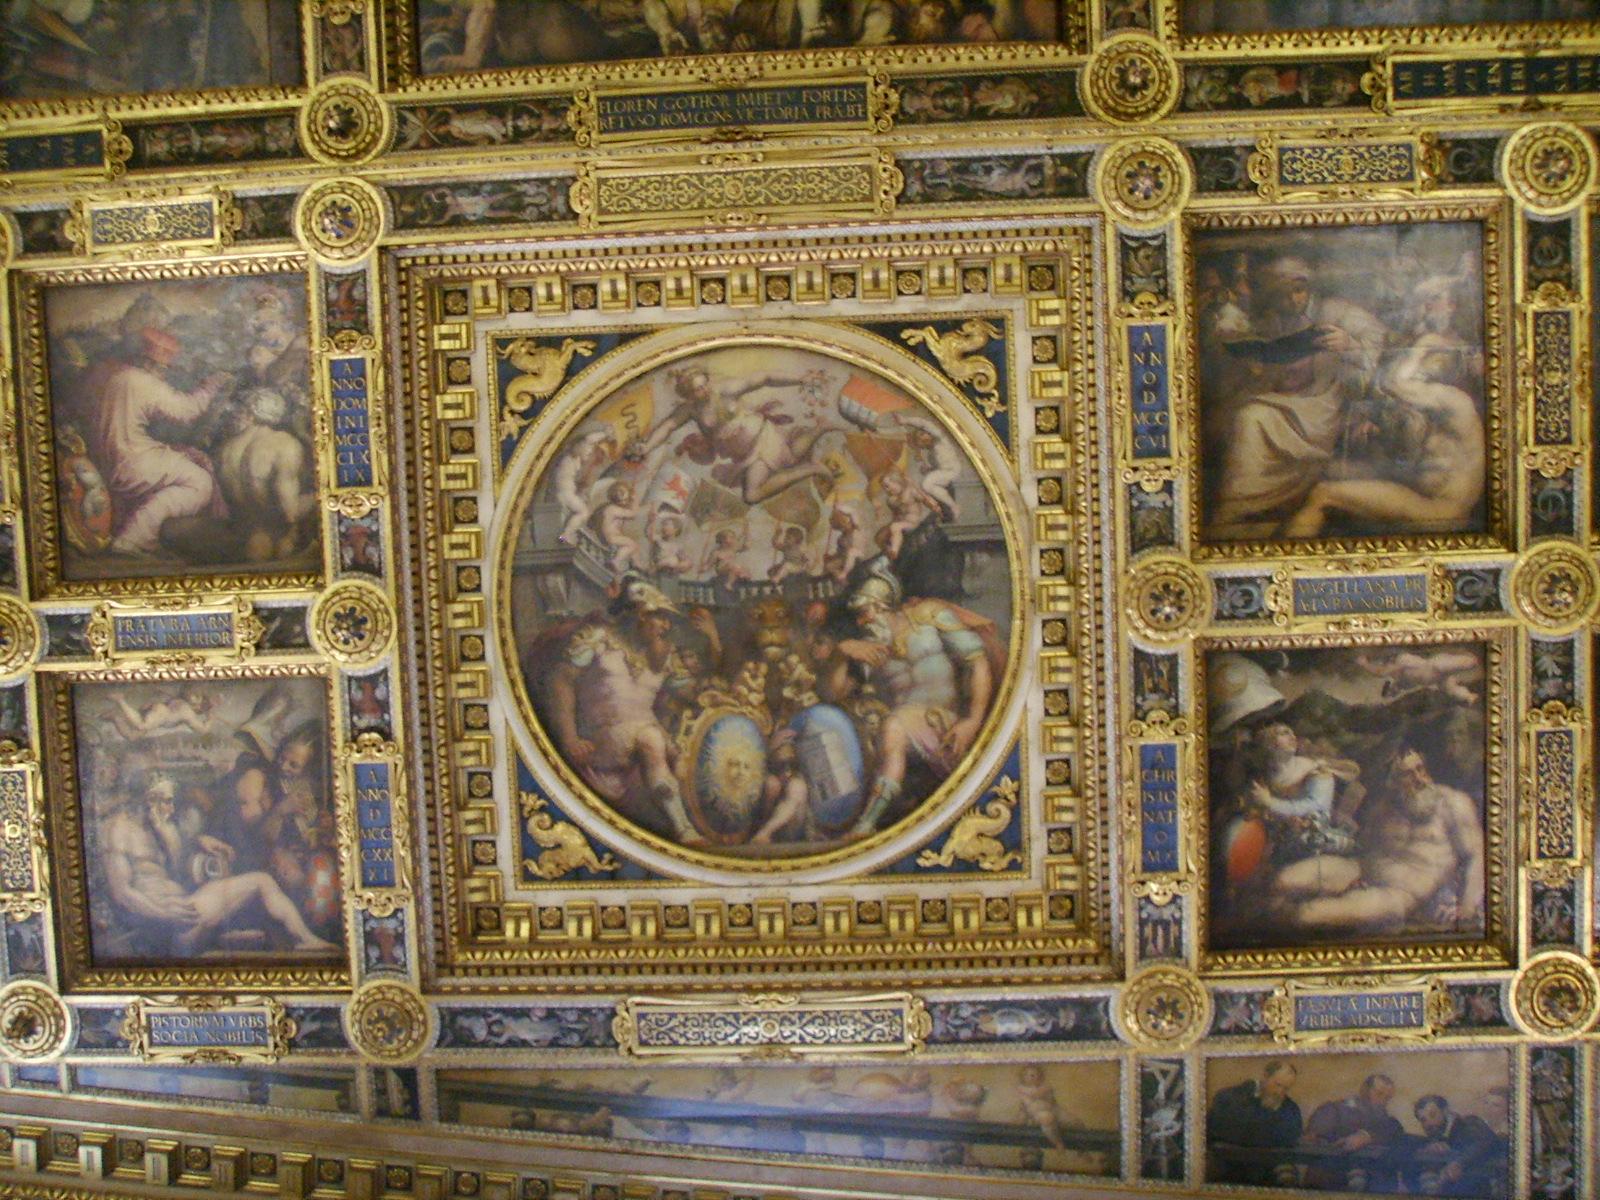 File:Palazzo vecchio, salone dei 500 soffitto 02.JPG - Wikimedia Commons